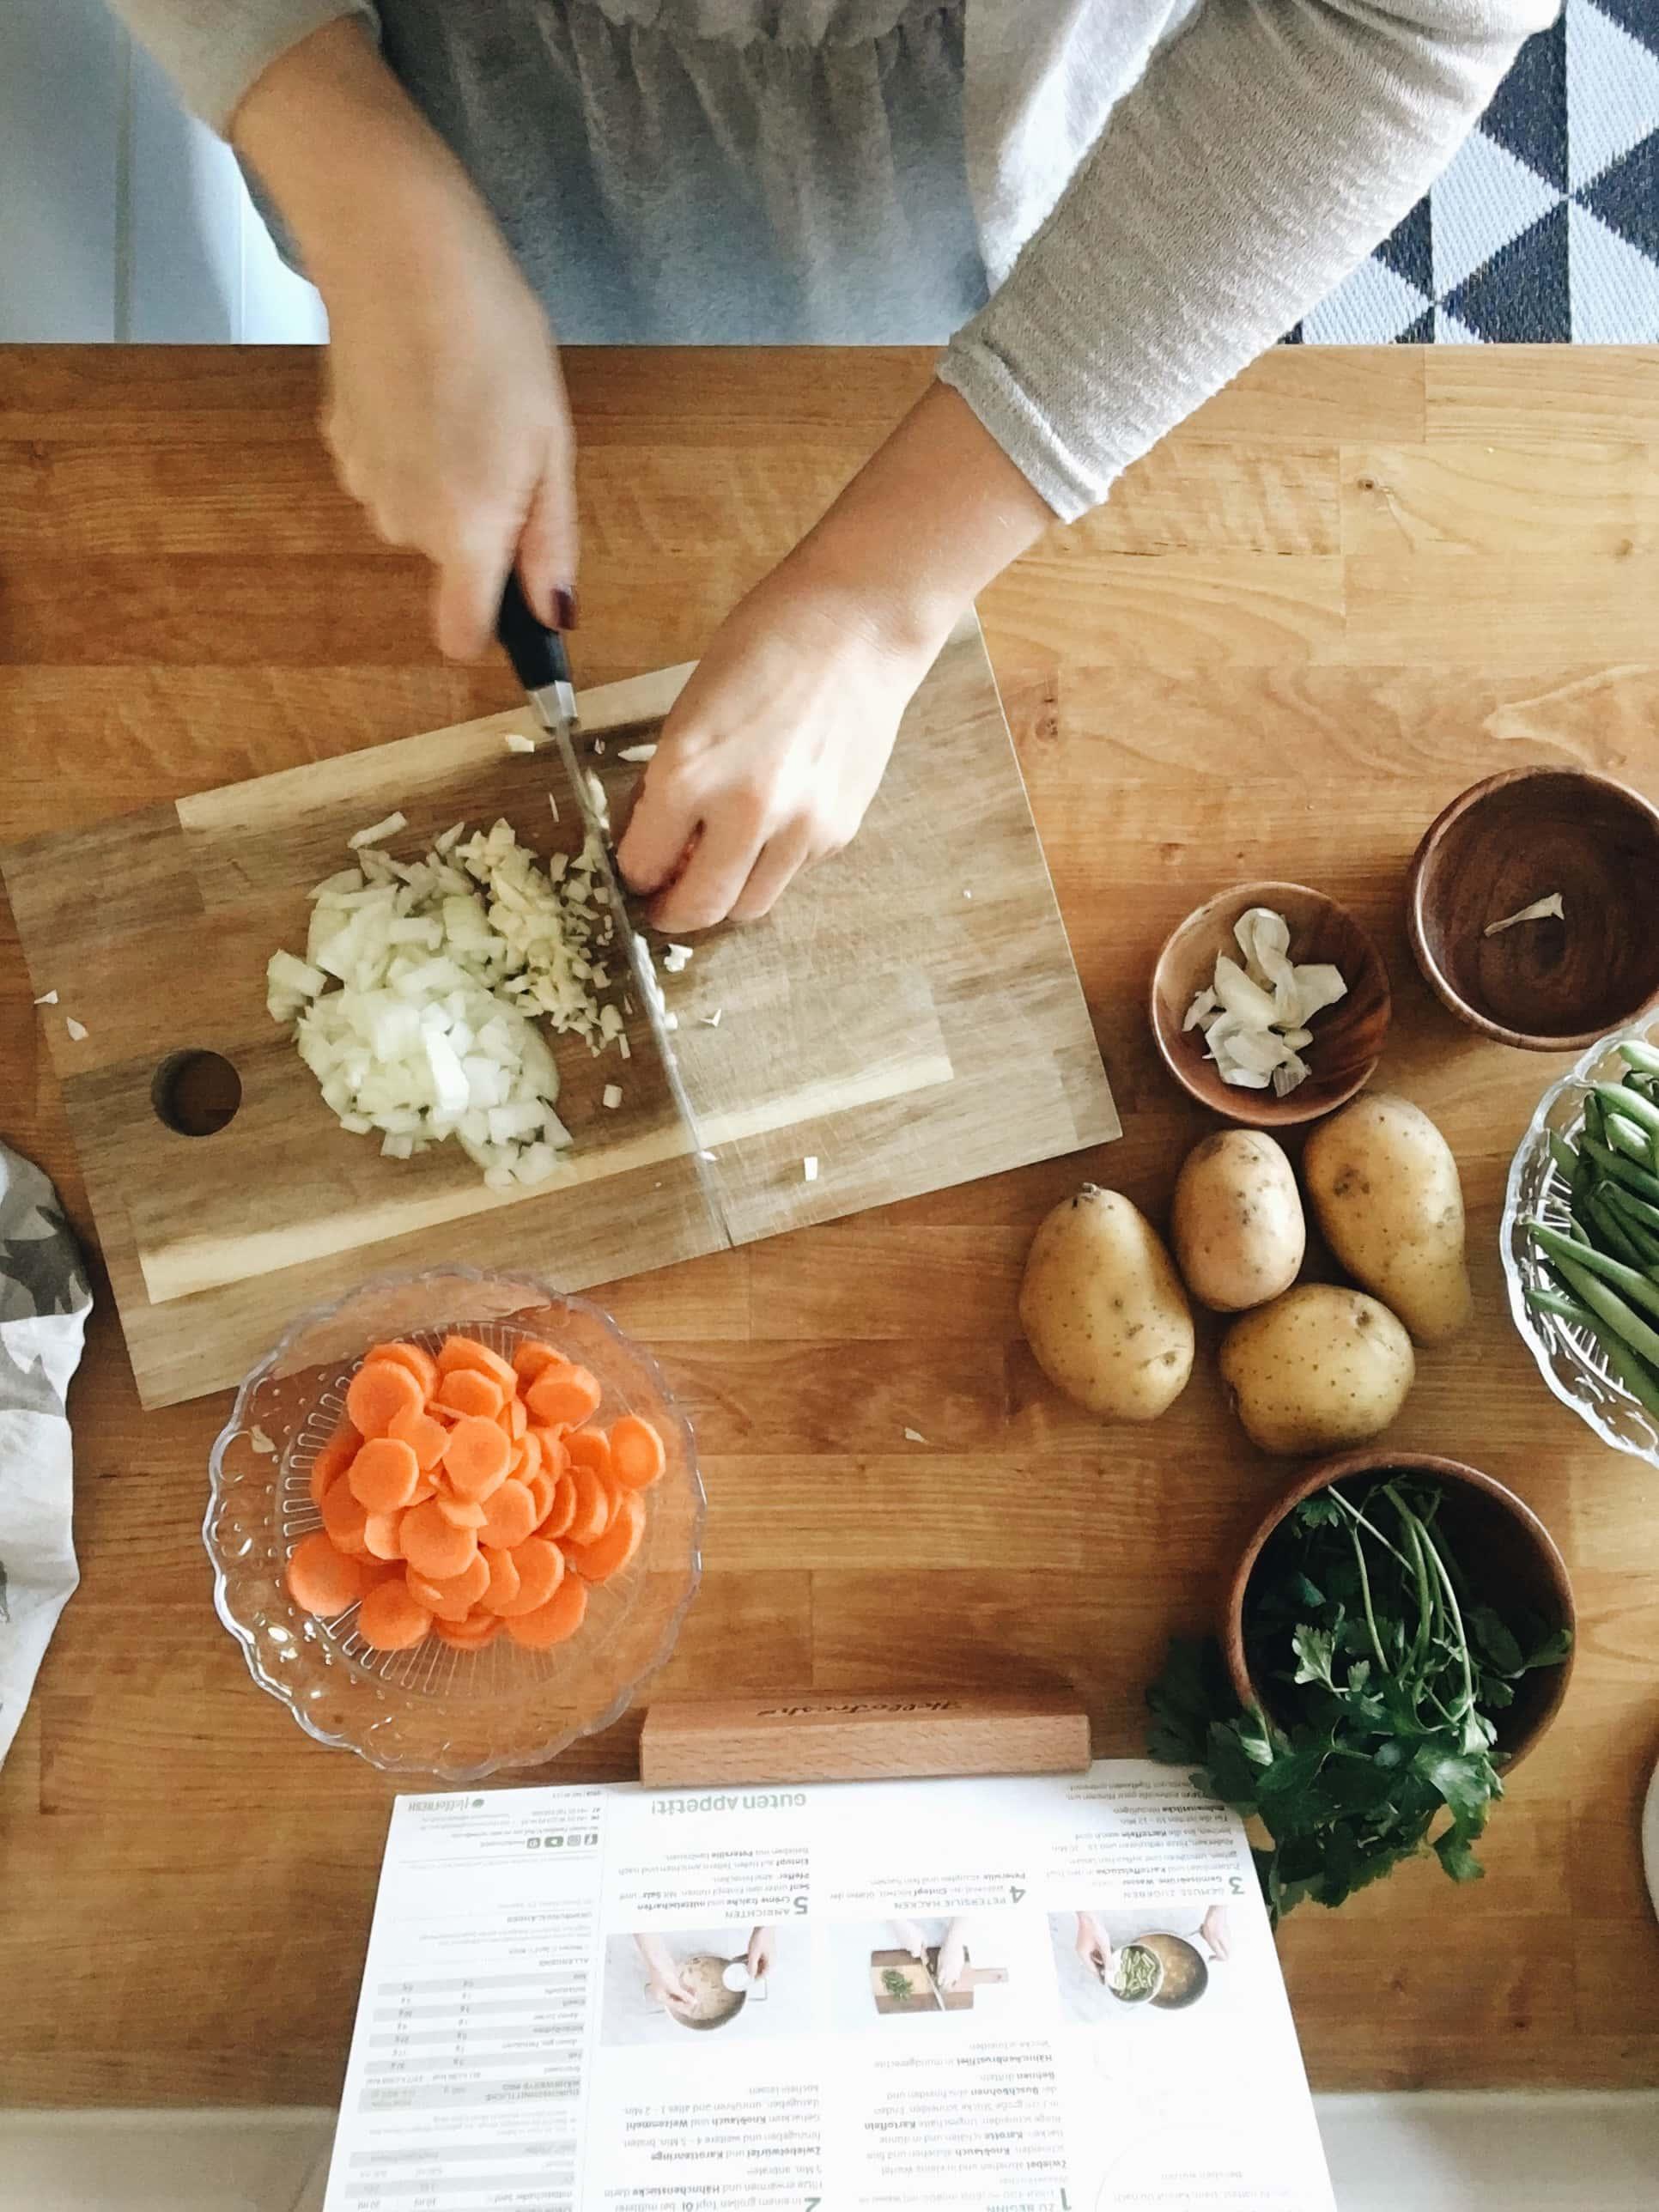 Kochen, Gemüse schneiden